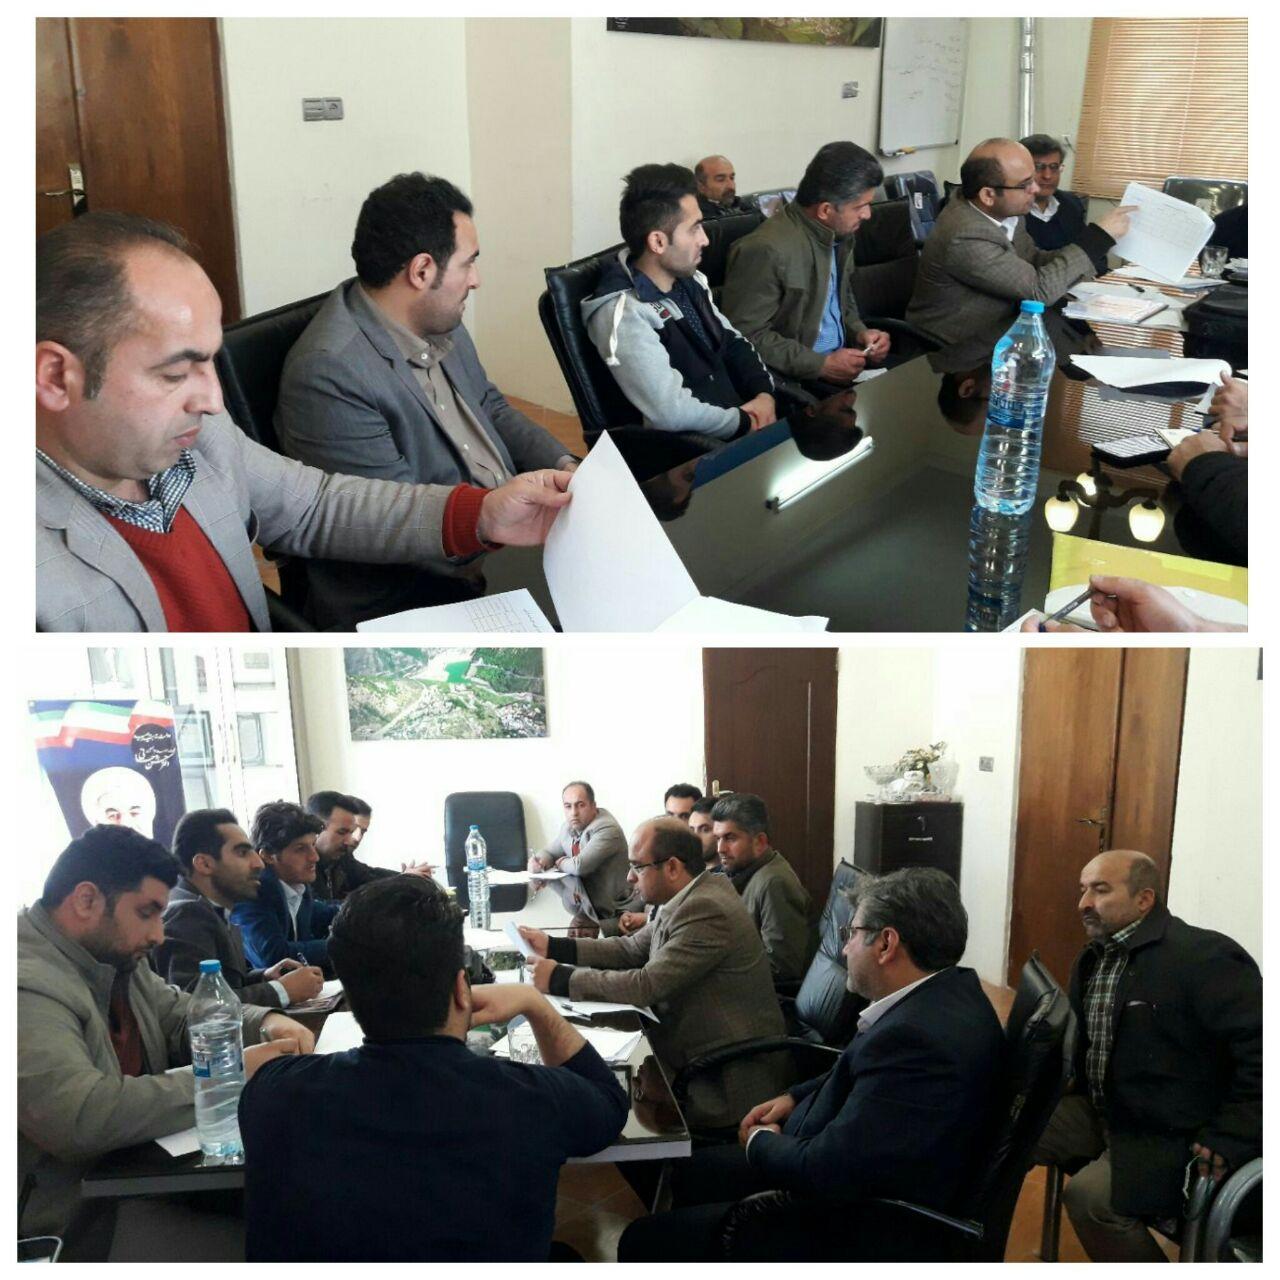 دیدار اعضای شورا با اعضای سازمان مدیریت و برنامه ریزی روستاها